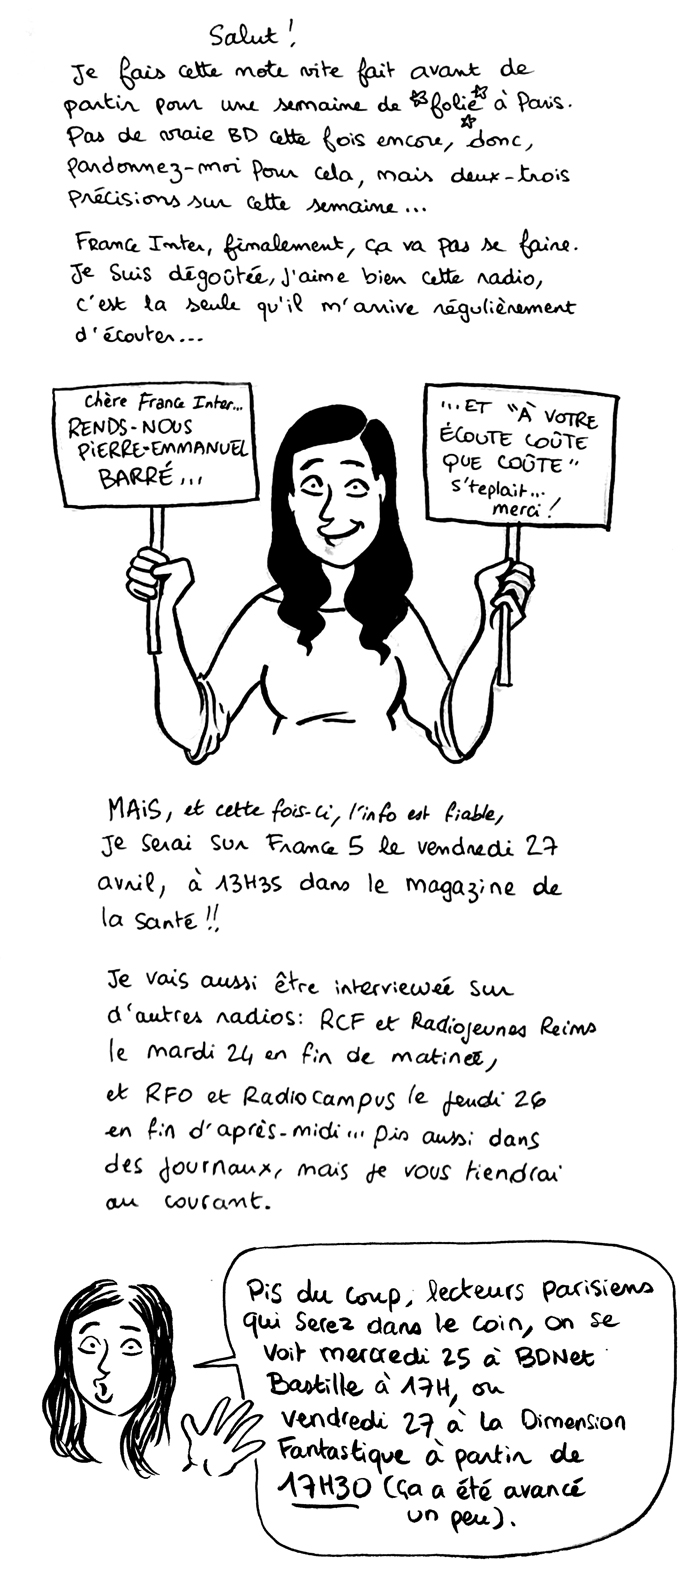 http://melaka.free.fr/blog/avantdepartir.jpg